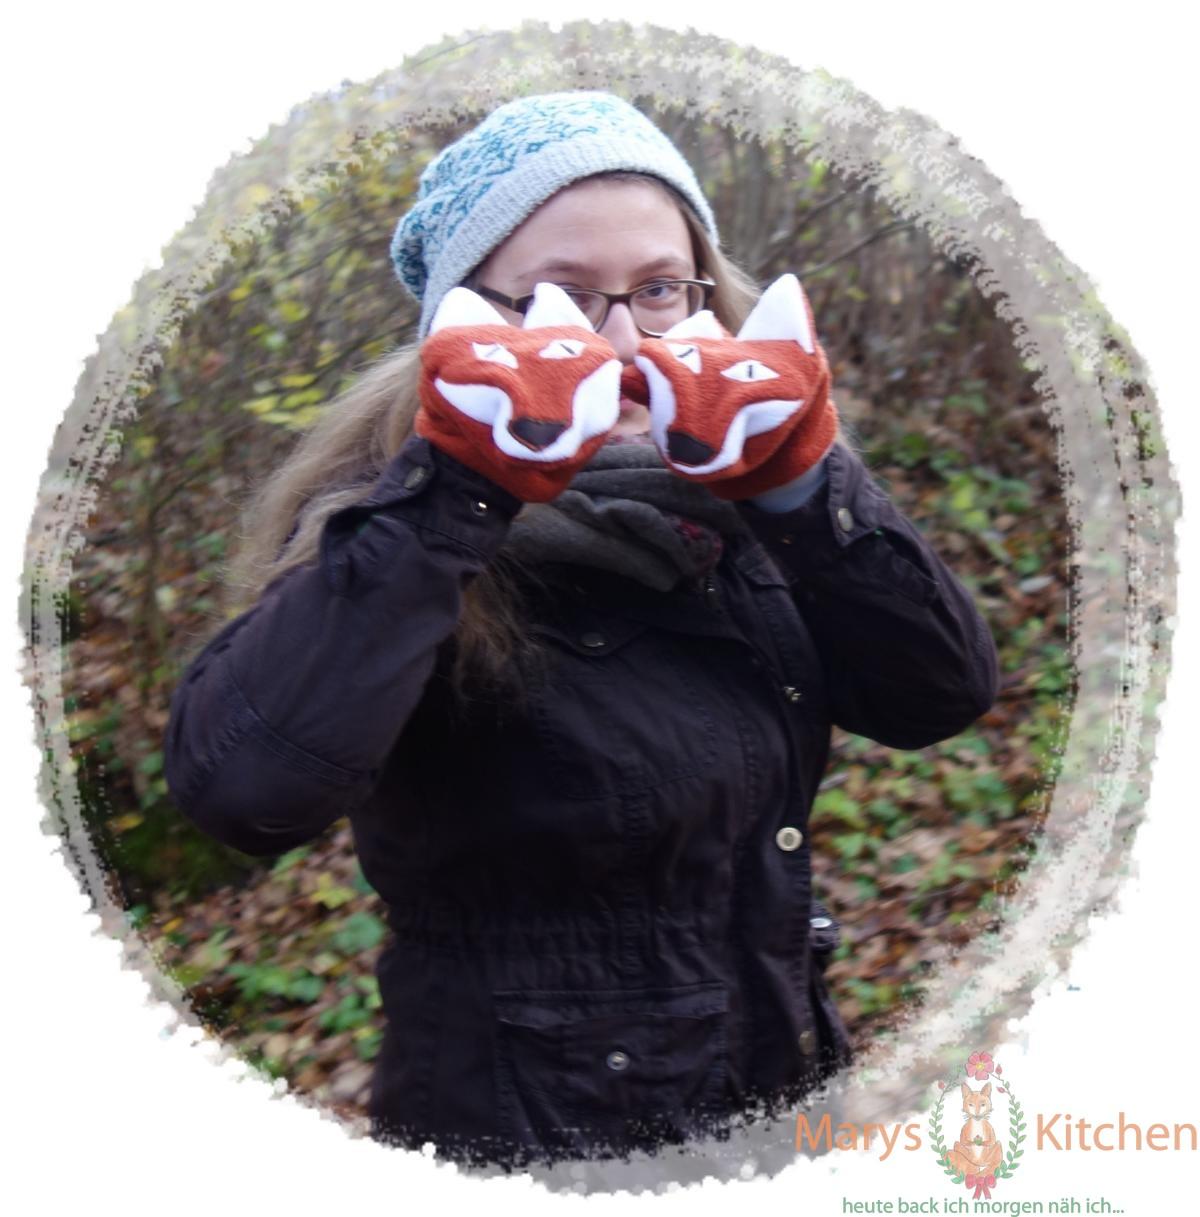 marys-kitchen-fuchshandschuh-diy-naehen